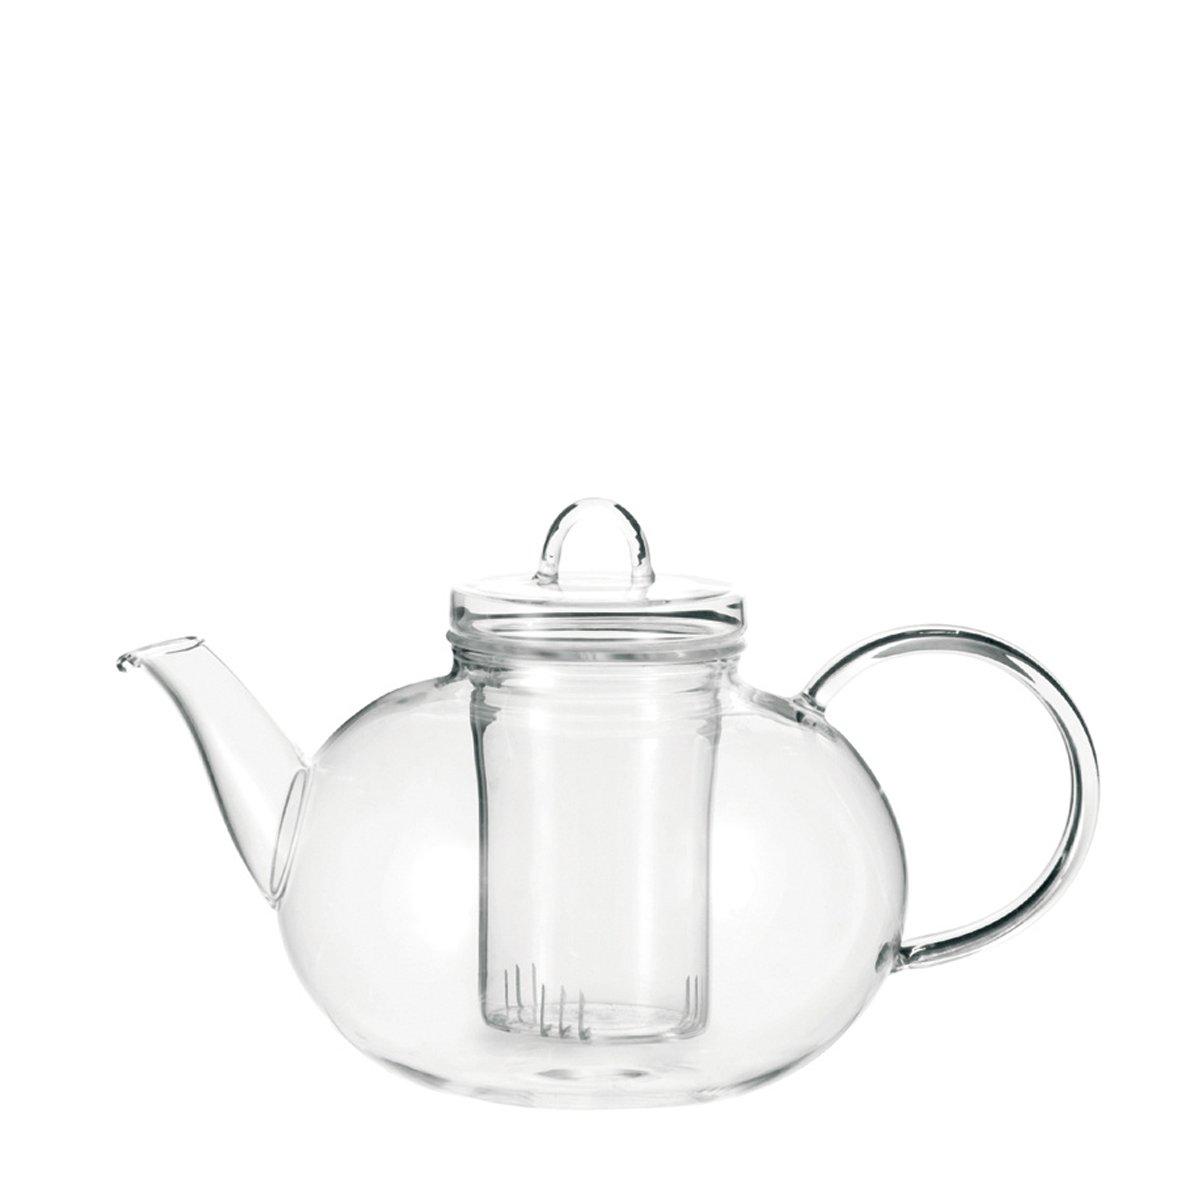 Leonardo Balance - Tetera con filtro para té, transparente   más noticias y comentarios